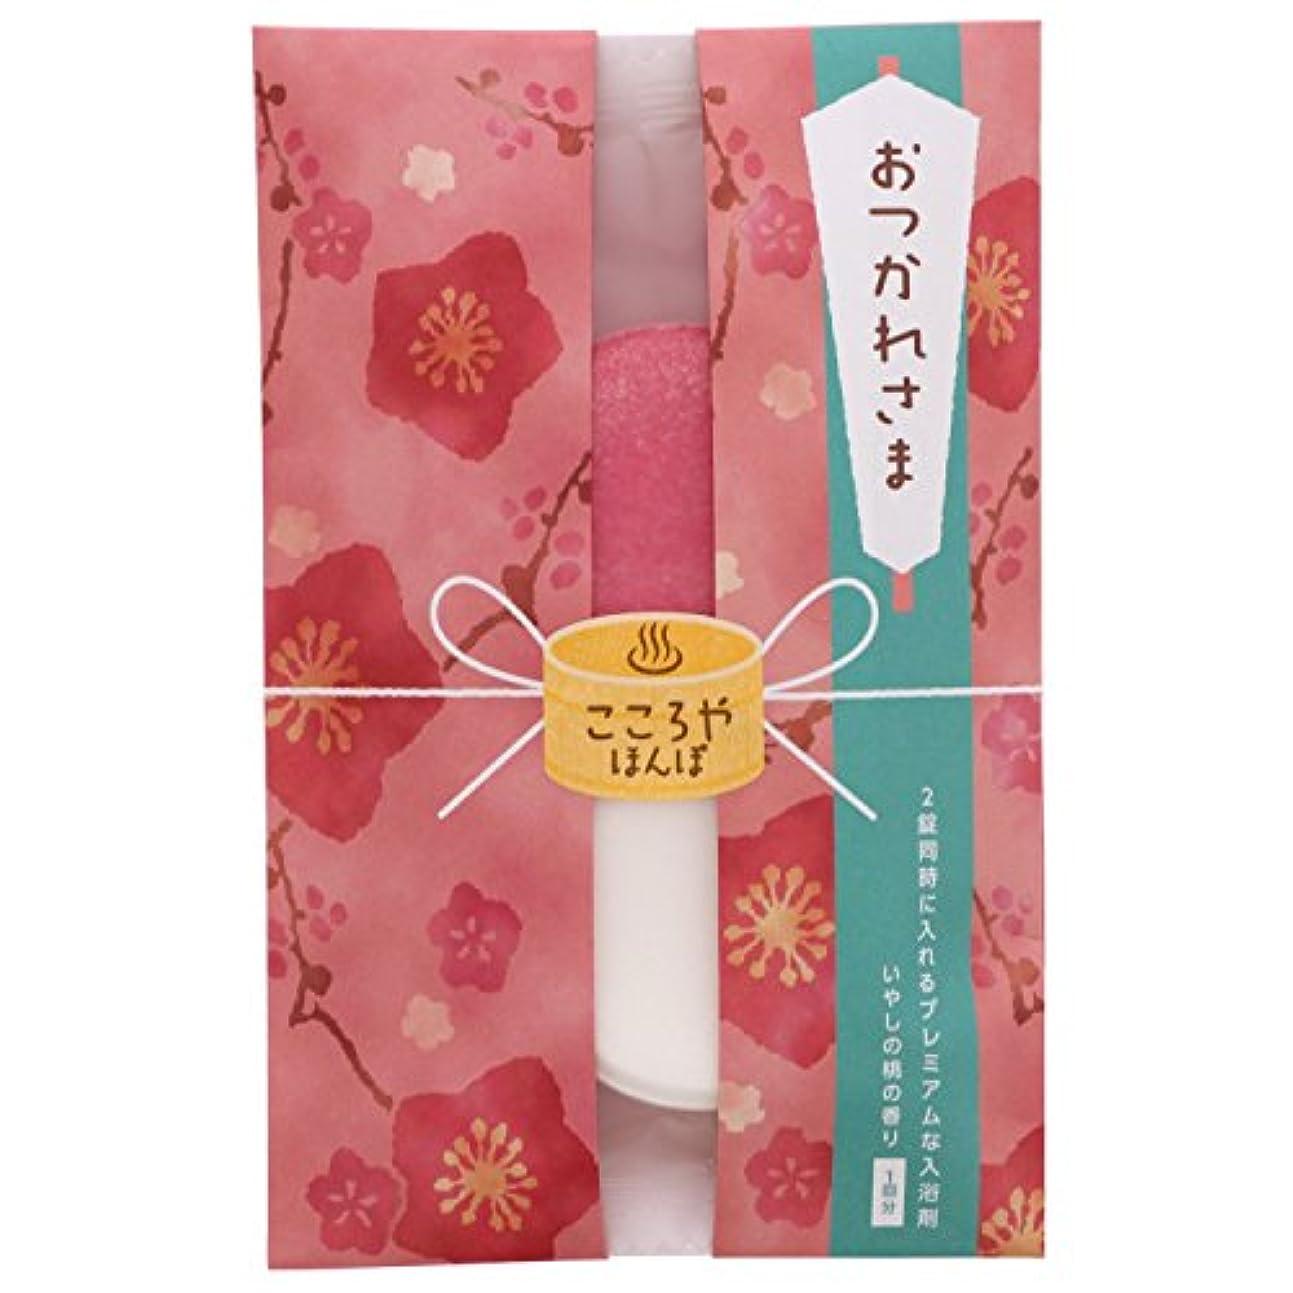 のどご近所ところでこころやほんぽ カジュアルギフト 入浴剤 おつかれさま 桃の香り 50g